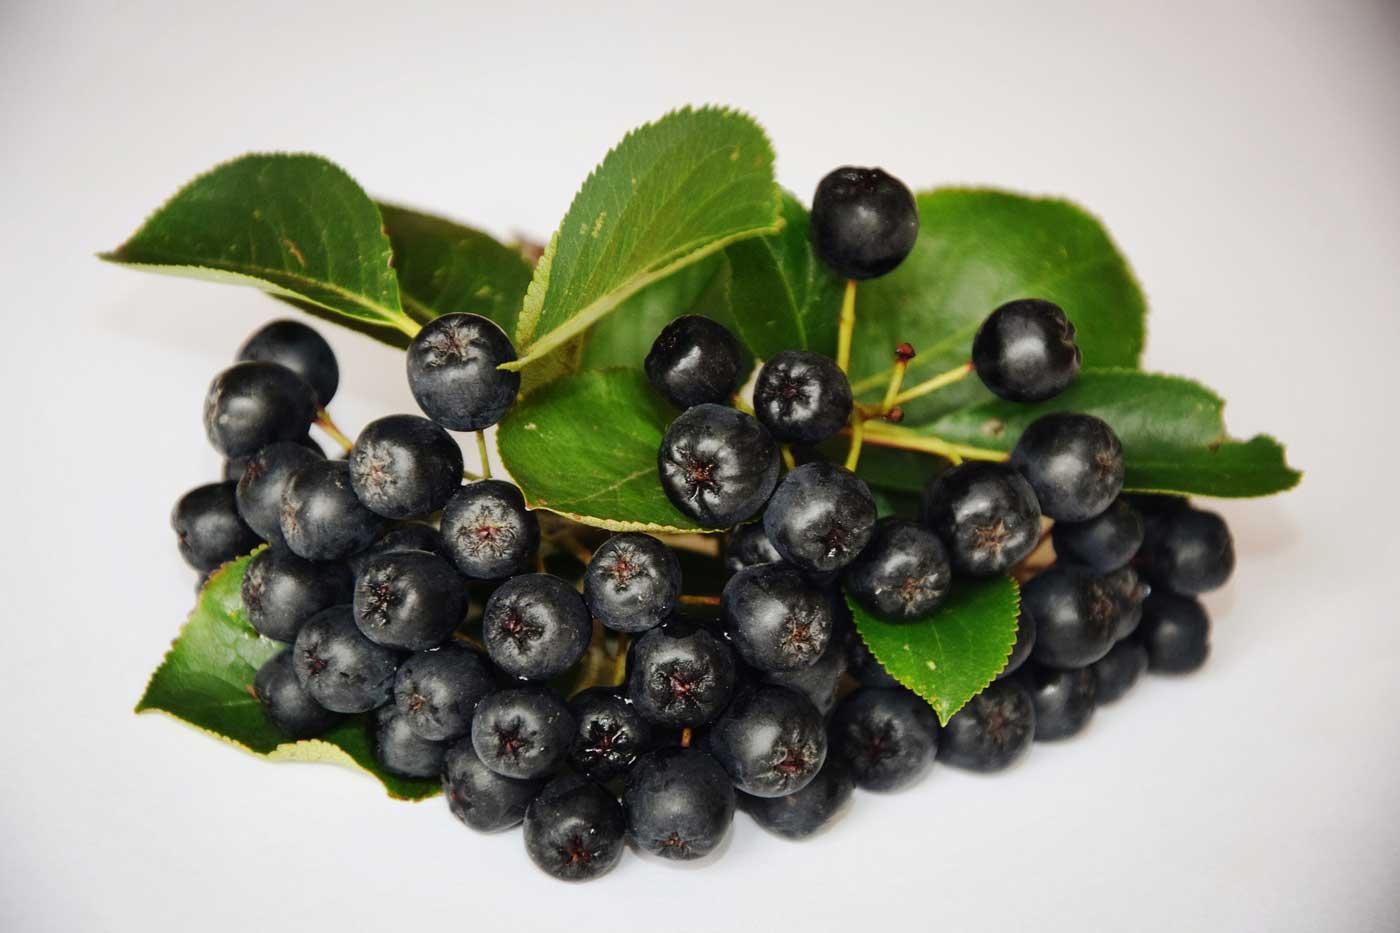 Owoce aronii zalicza się do polskich superfoods.